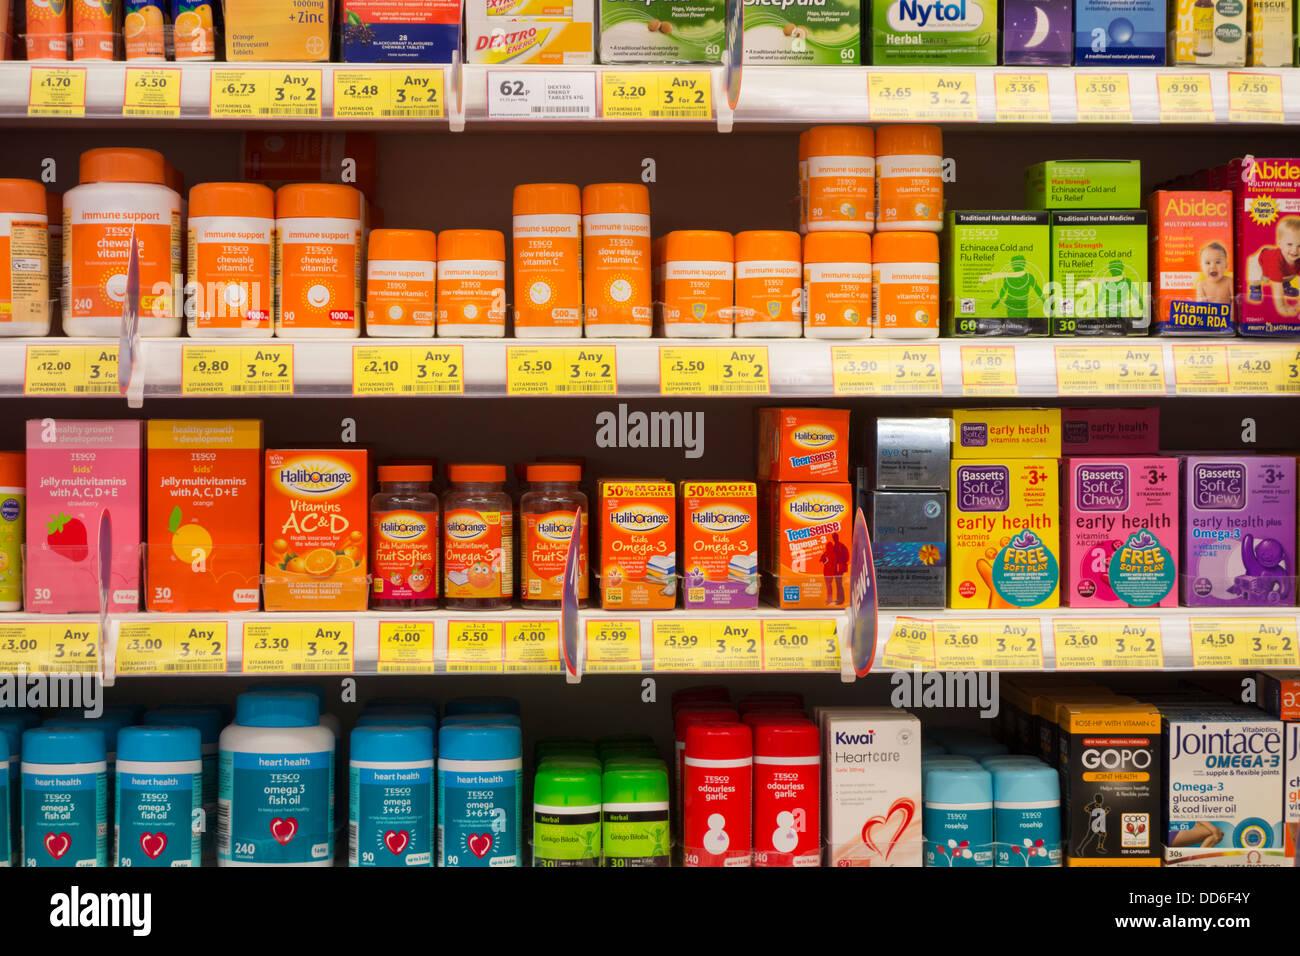 Vitamine anzeigen in Tesco Supermarkt Stockbild